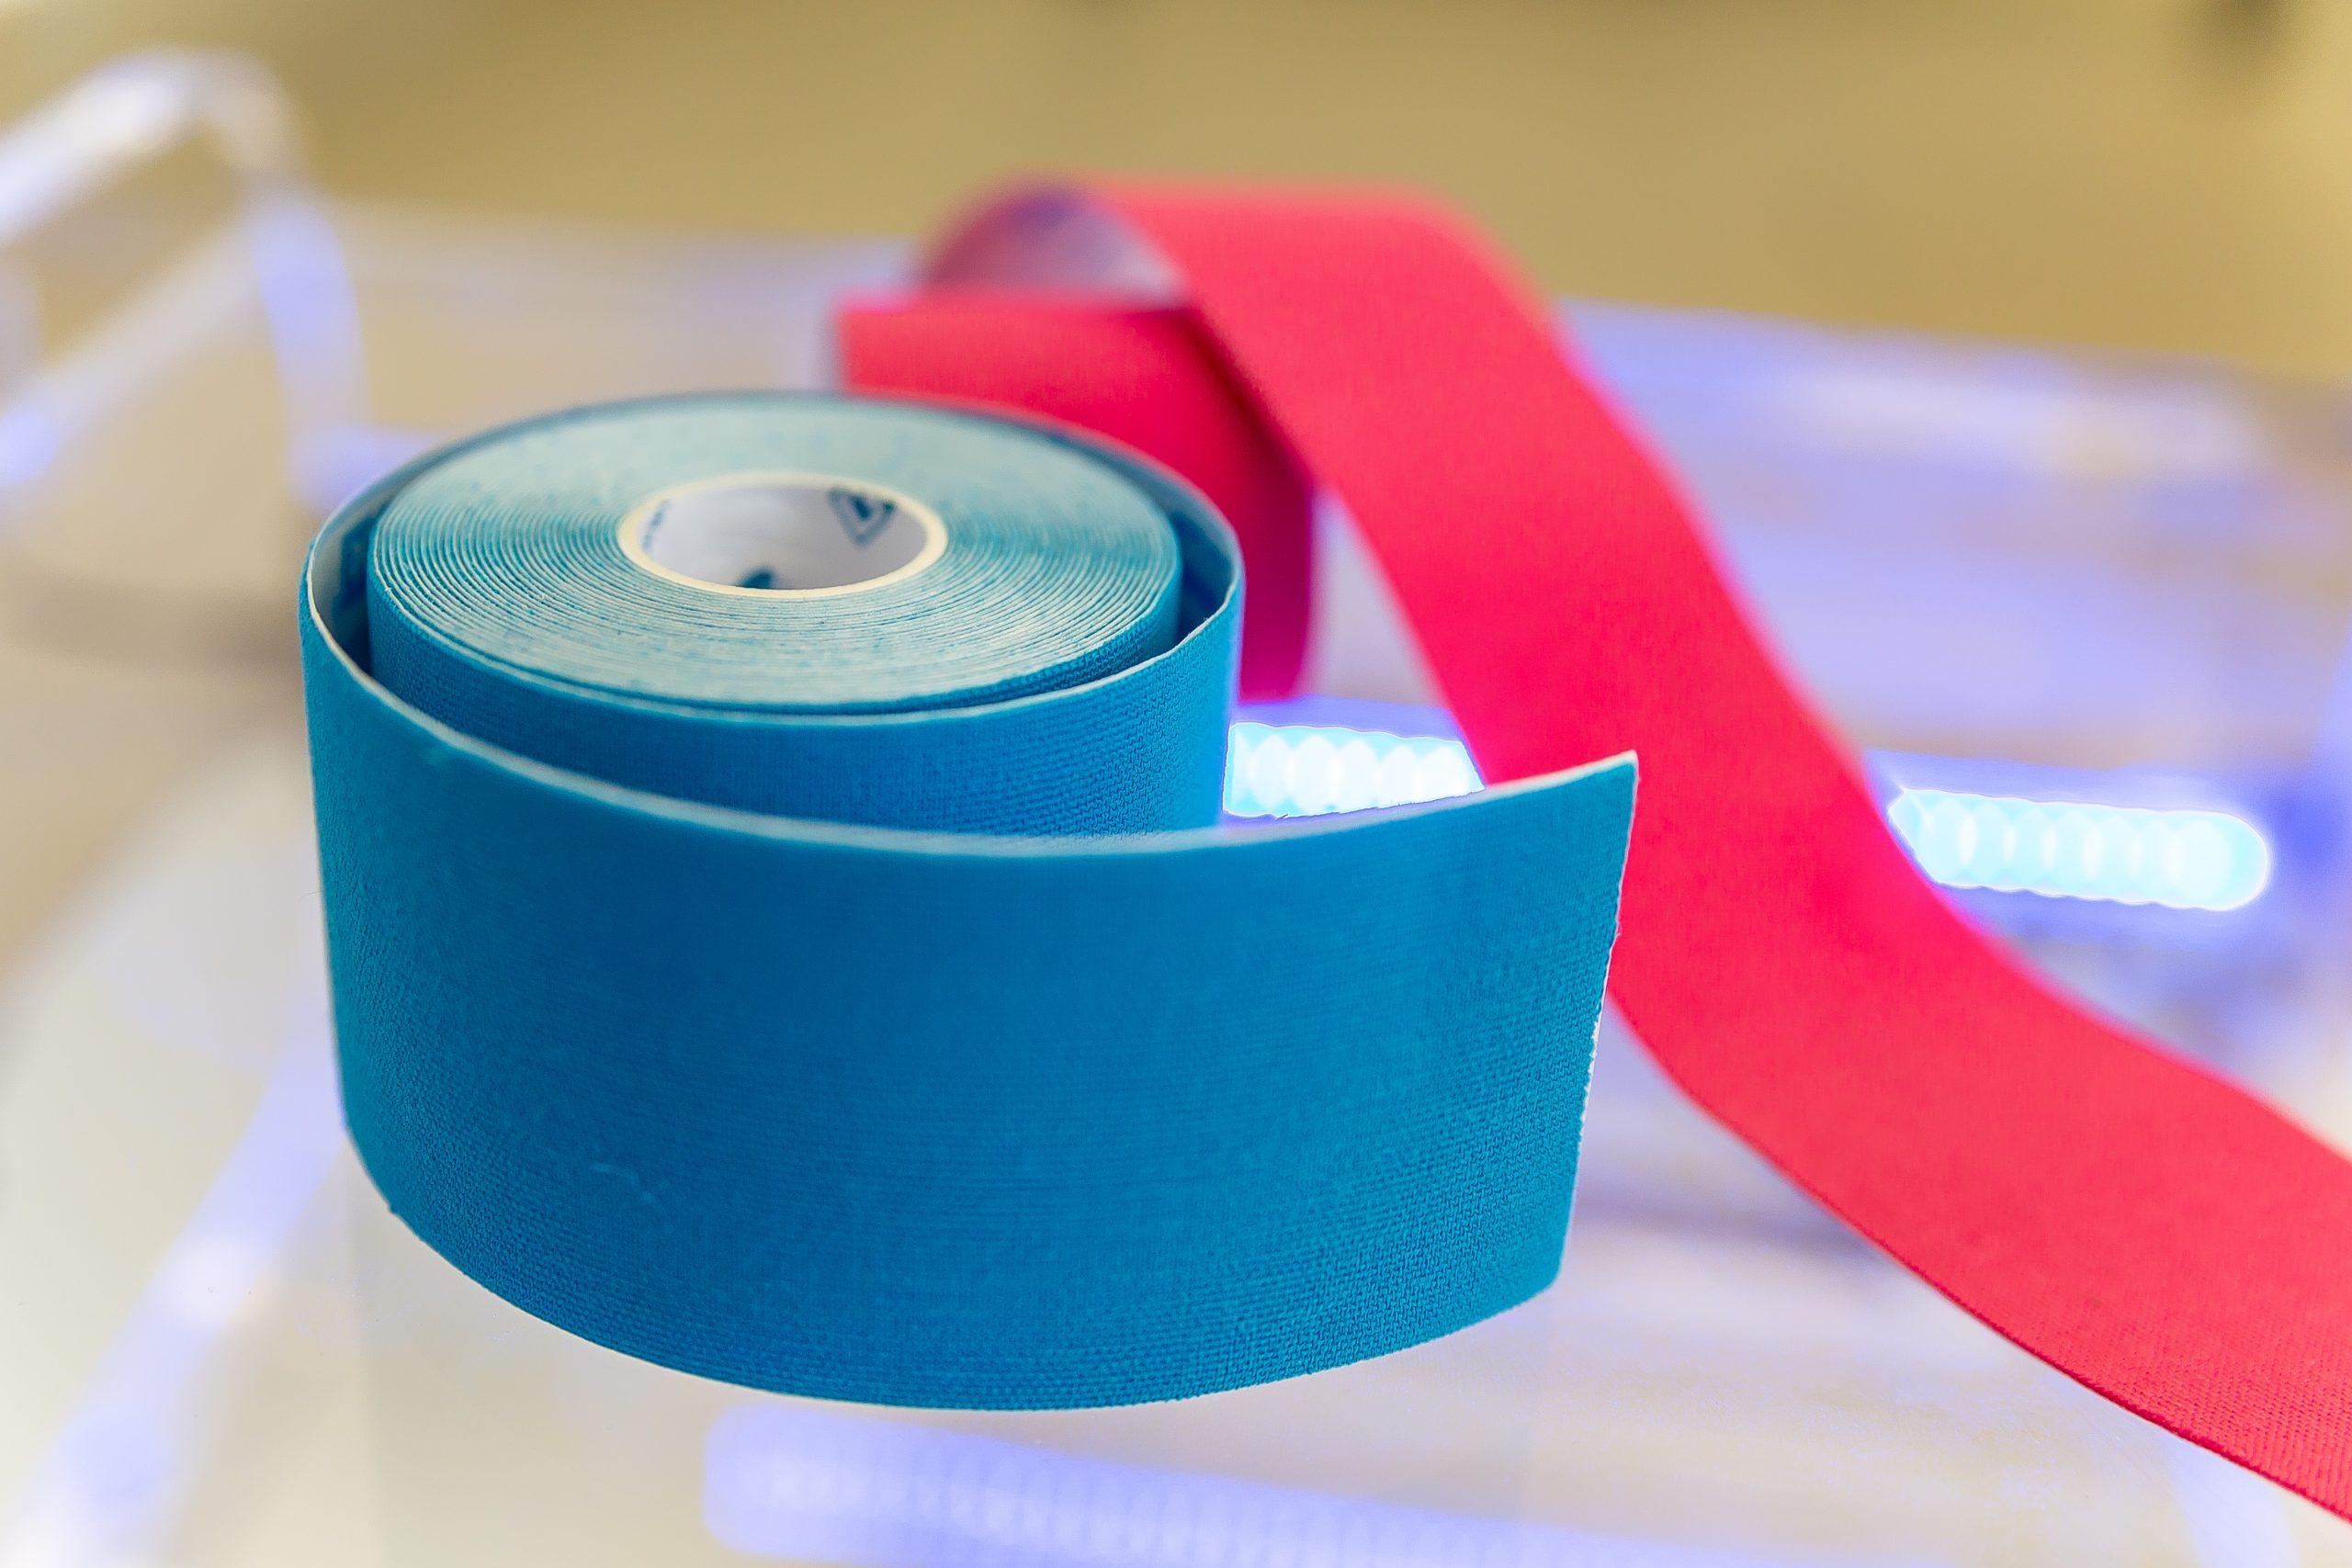 le taping : bande adhésive thérapeutique